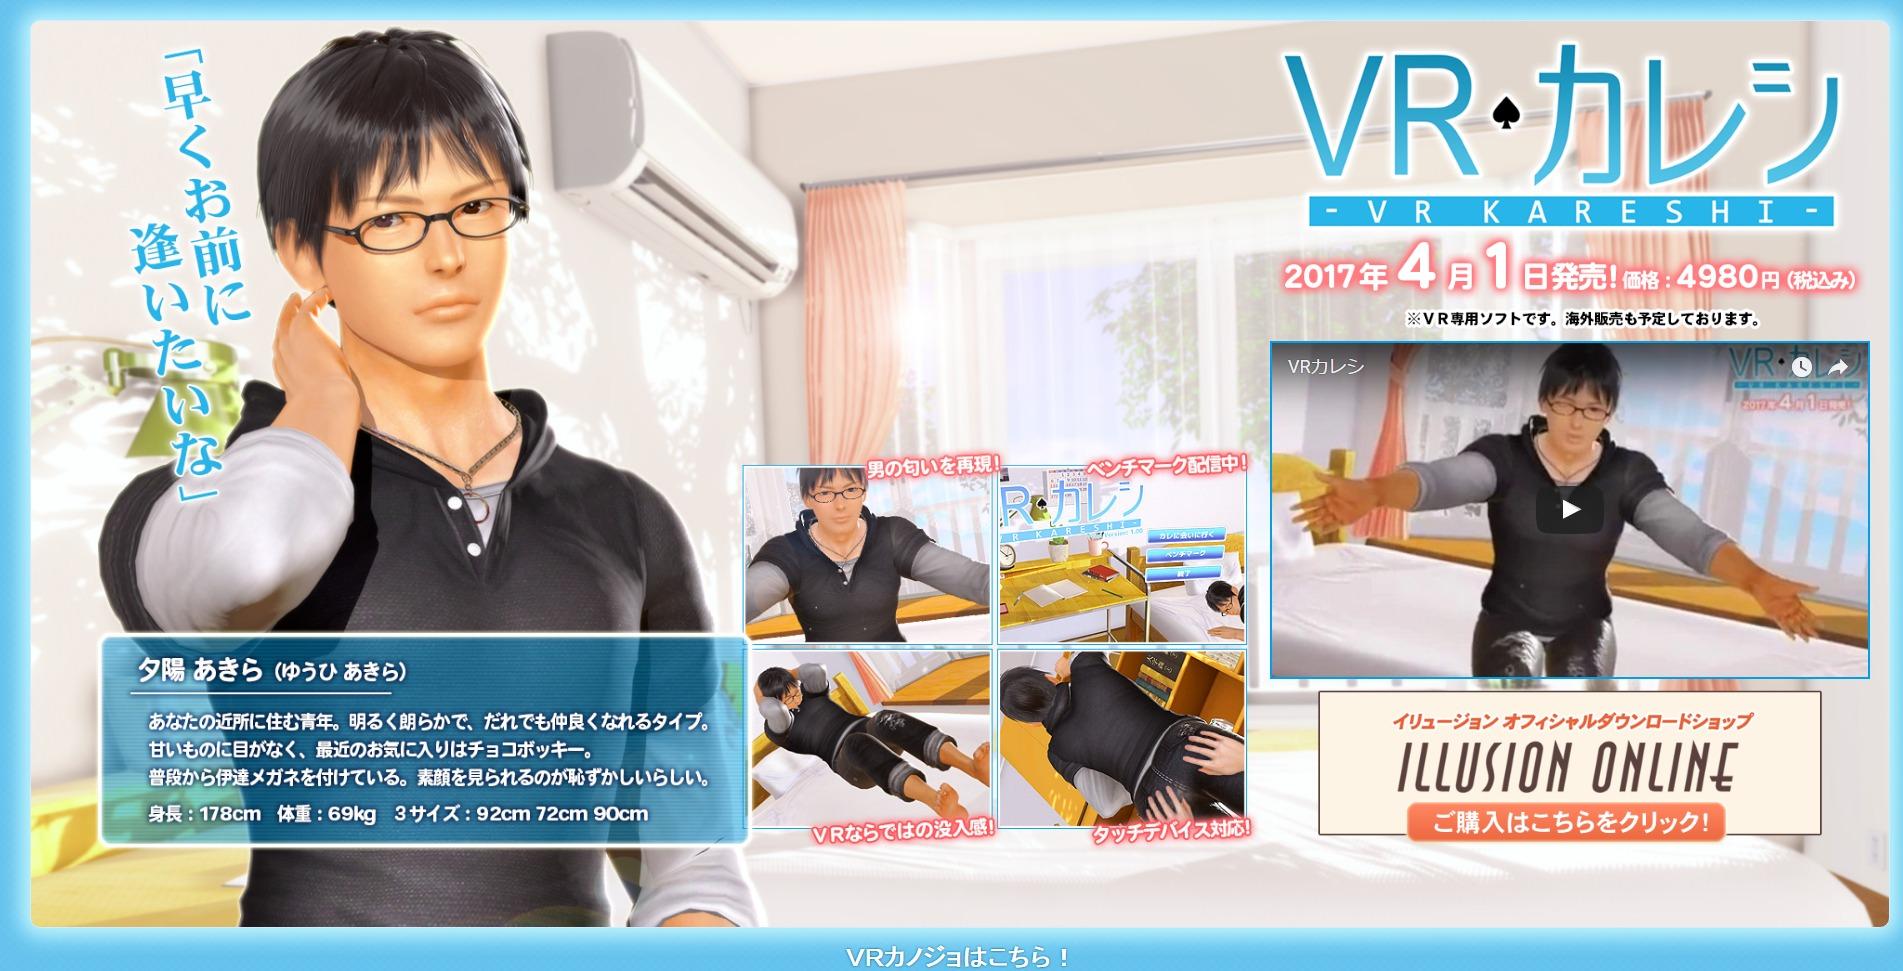 VR専用ゲーム『VRカレシ』公式サイト